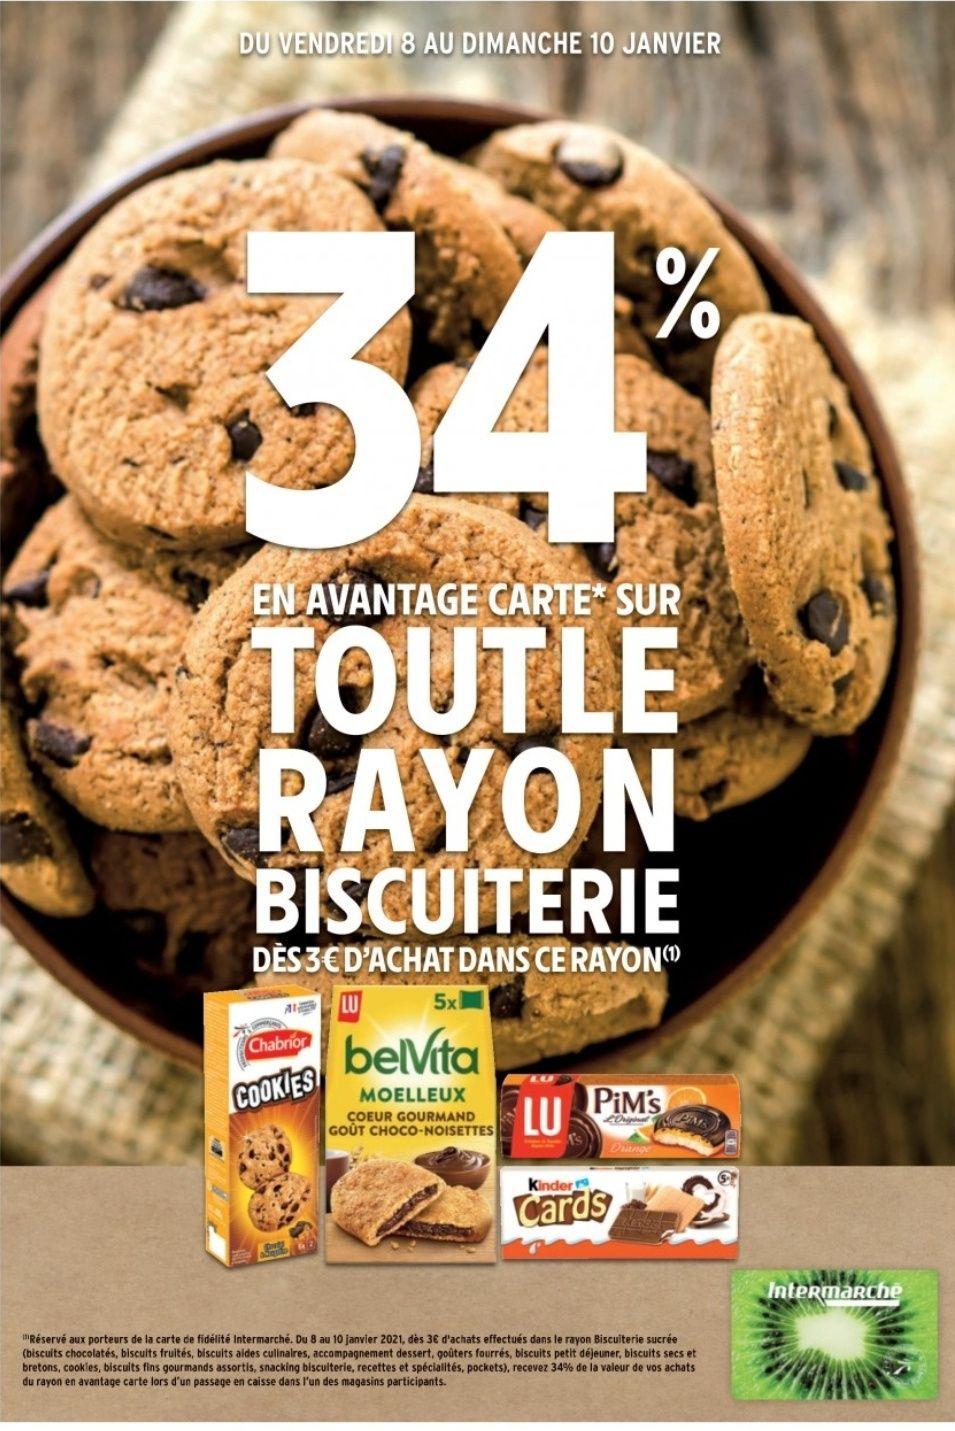 34% offerts sur la carte de fidélité sur tout le rayon biscuiterie dès 3€ d'achats